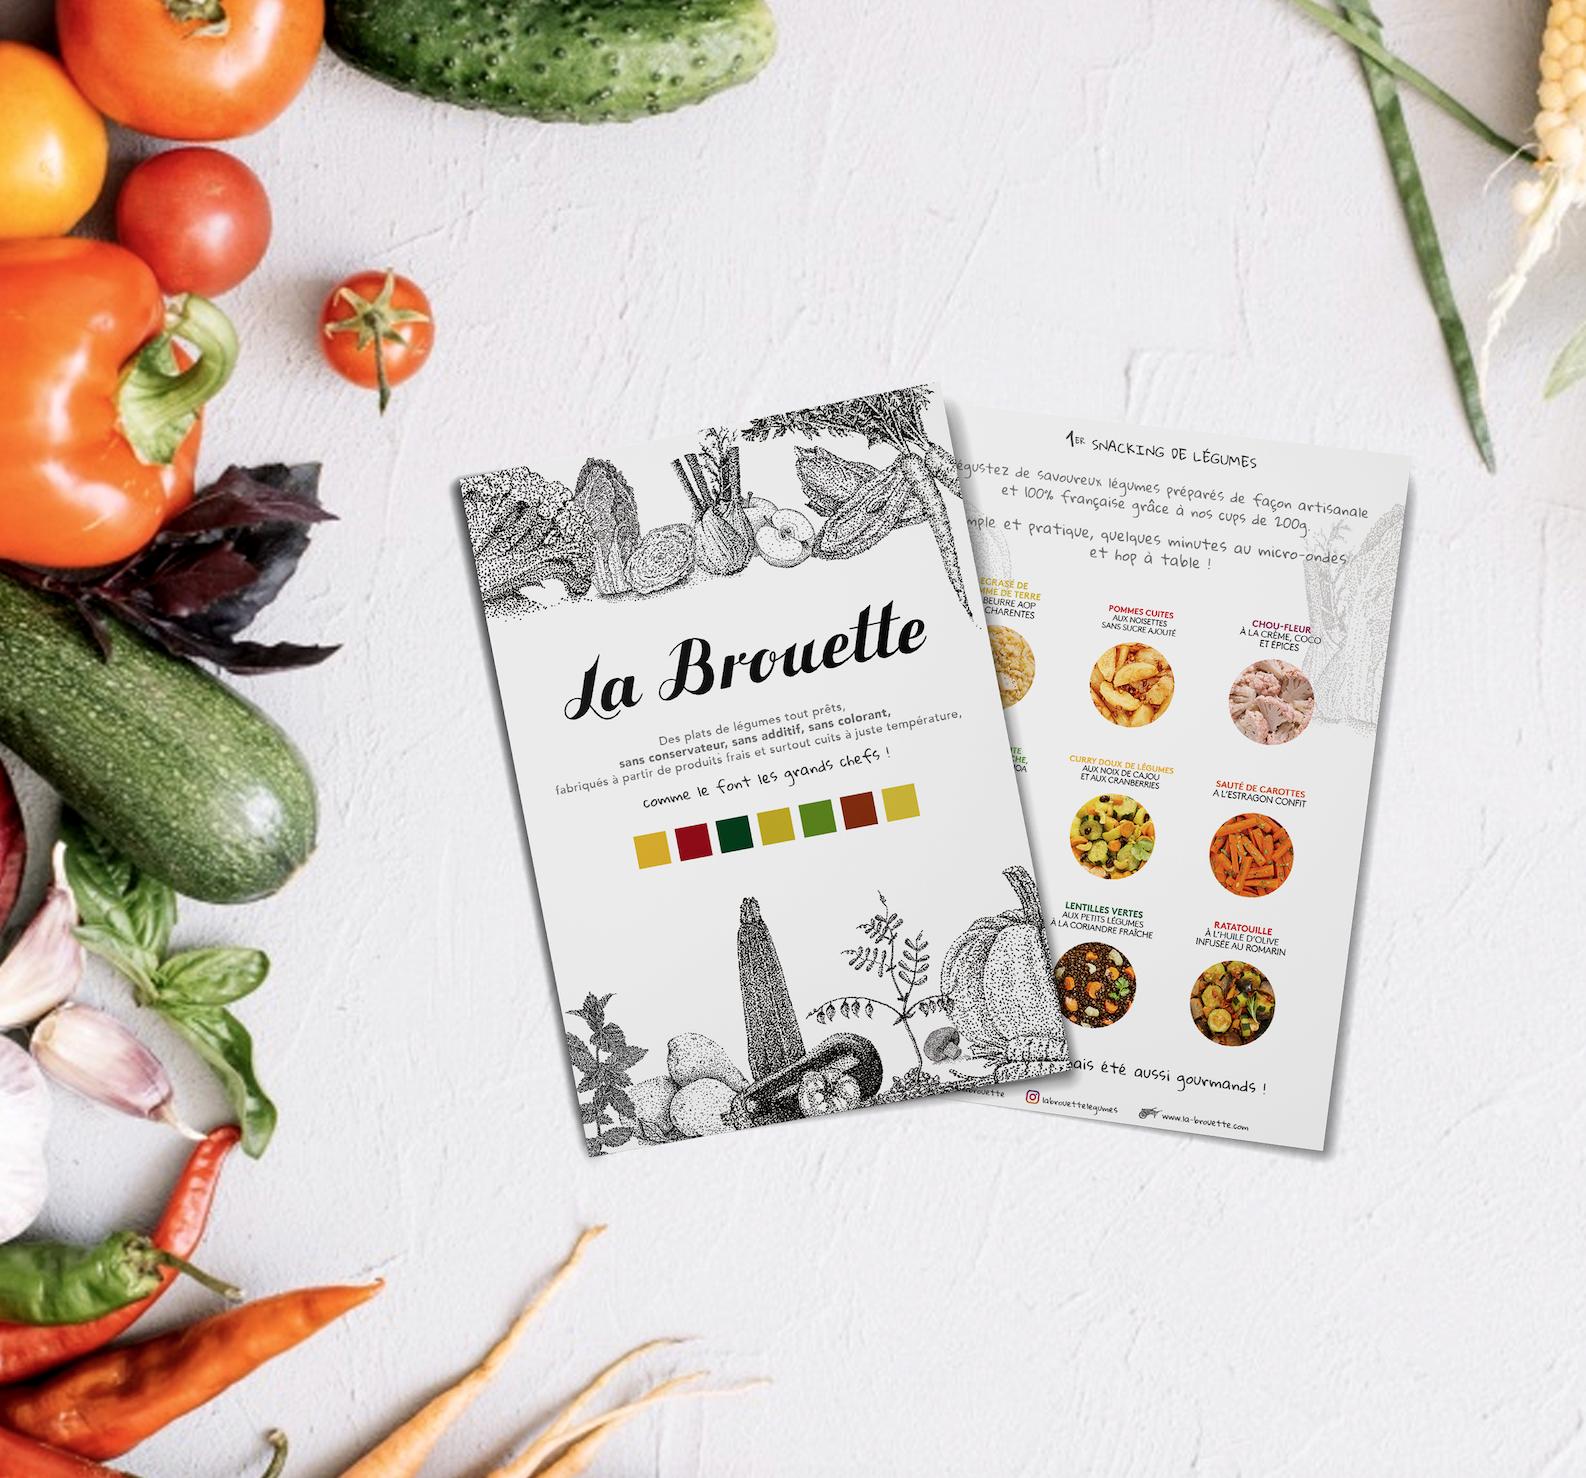 Flyer et légumes La Brouette